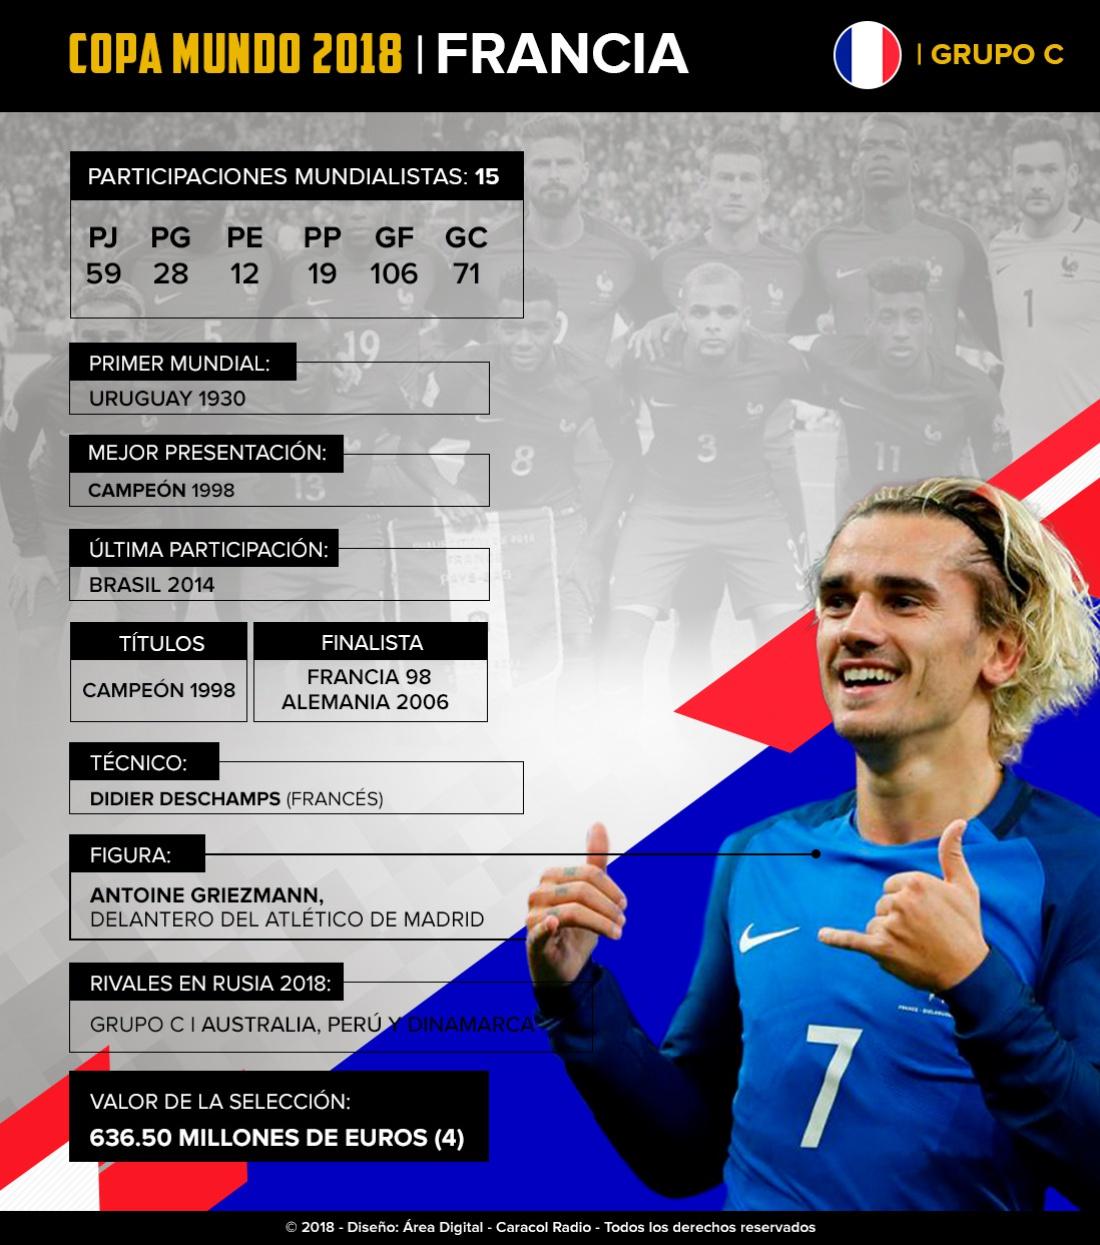 Mundial 2018: Francia: Con una gran generación 'Les Blues' irán por su segunda Copa